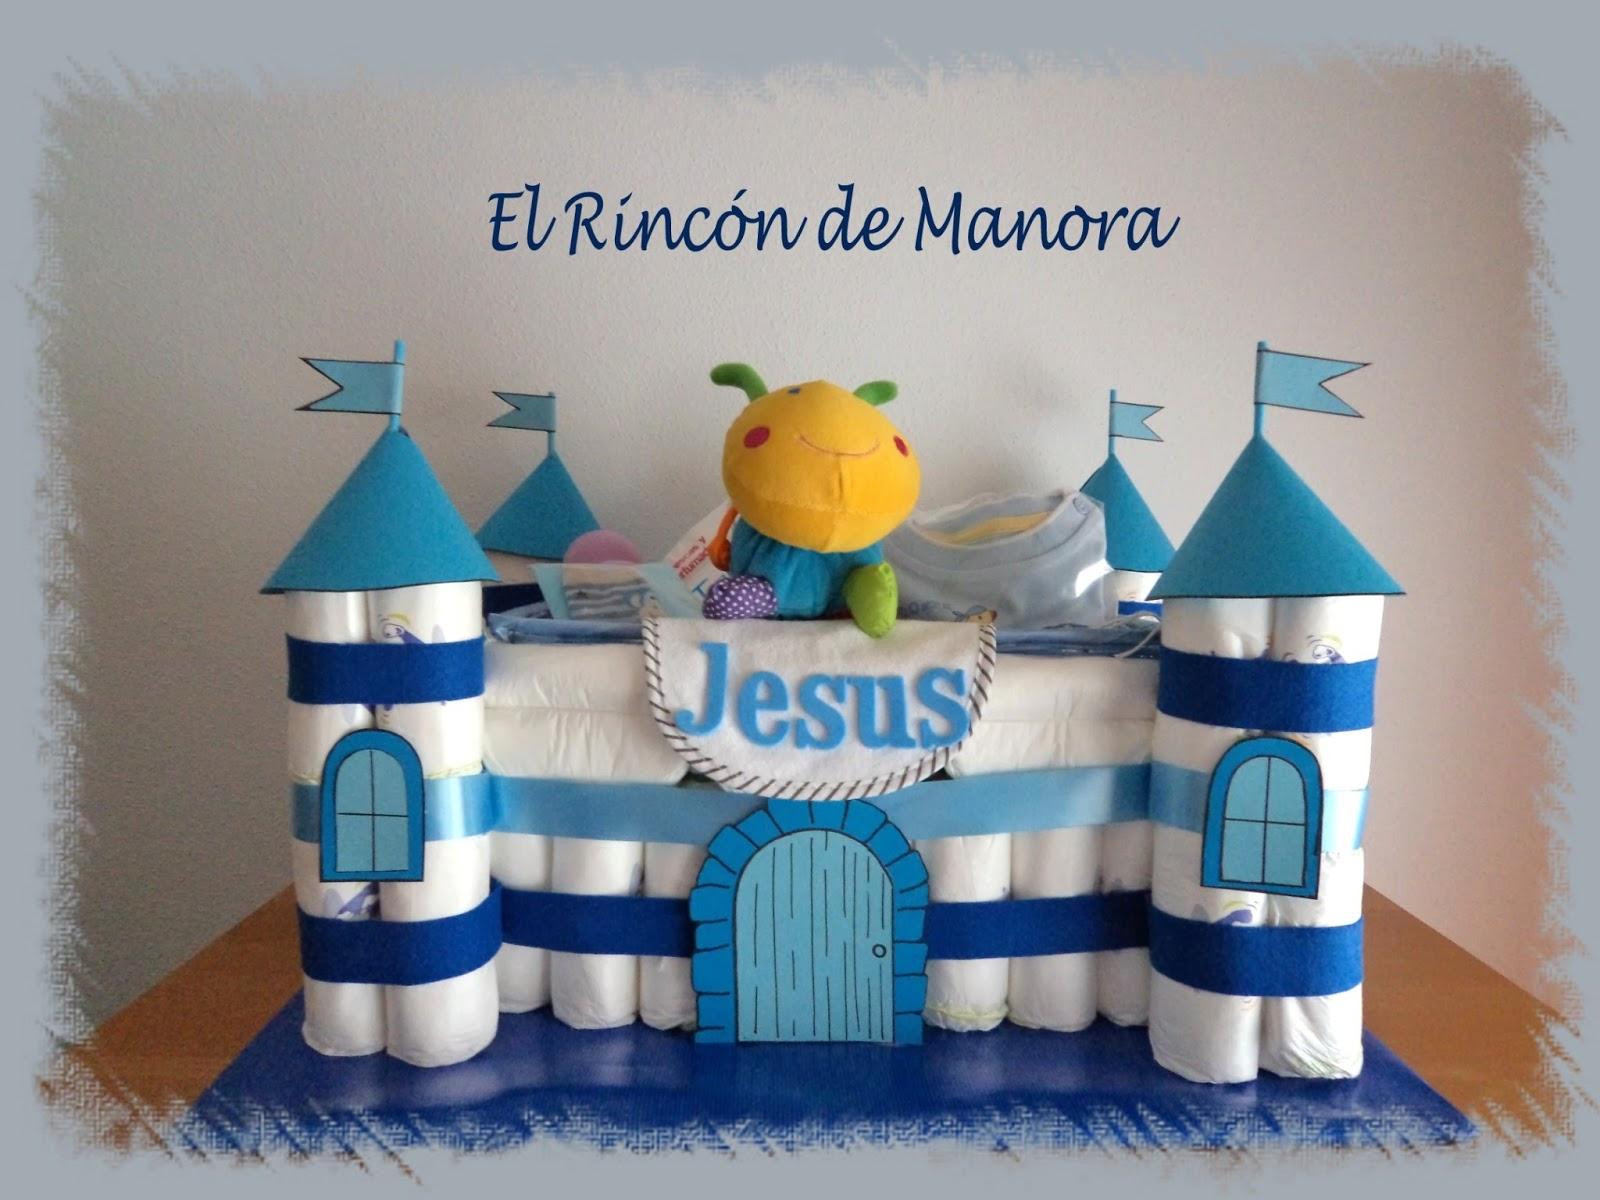 El rinc n de manora castillo de pa ales para ni o - Castillos para ninos de infantil ...